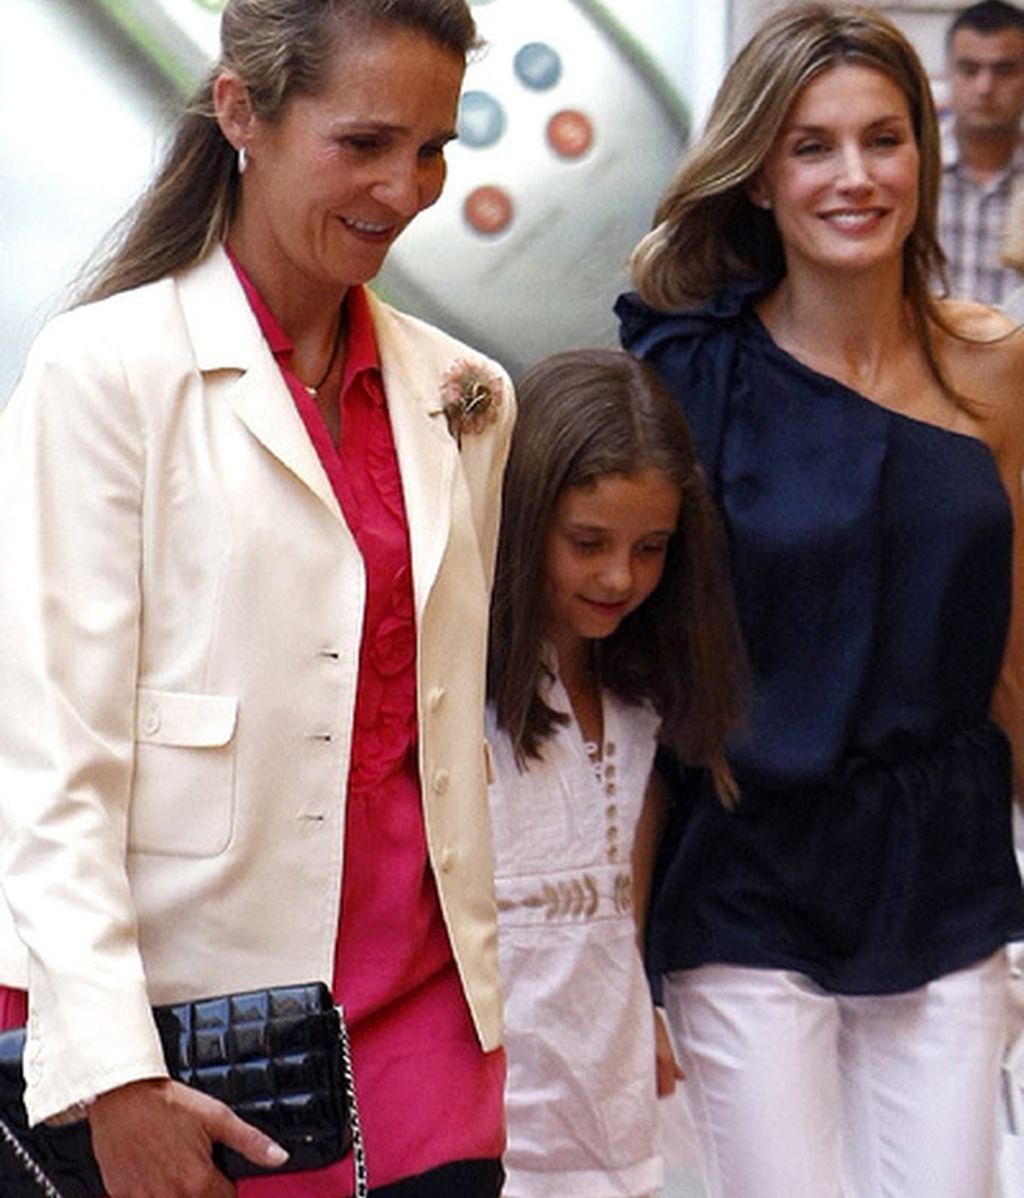 La infanta Elena y su hija Victoria junto con la Princesa acuden al teatro en una imagen de archivo